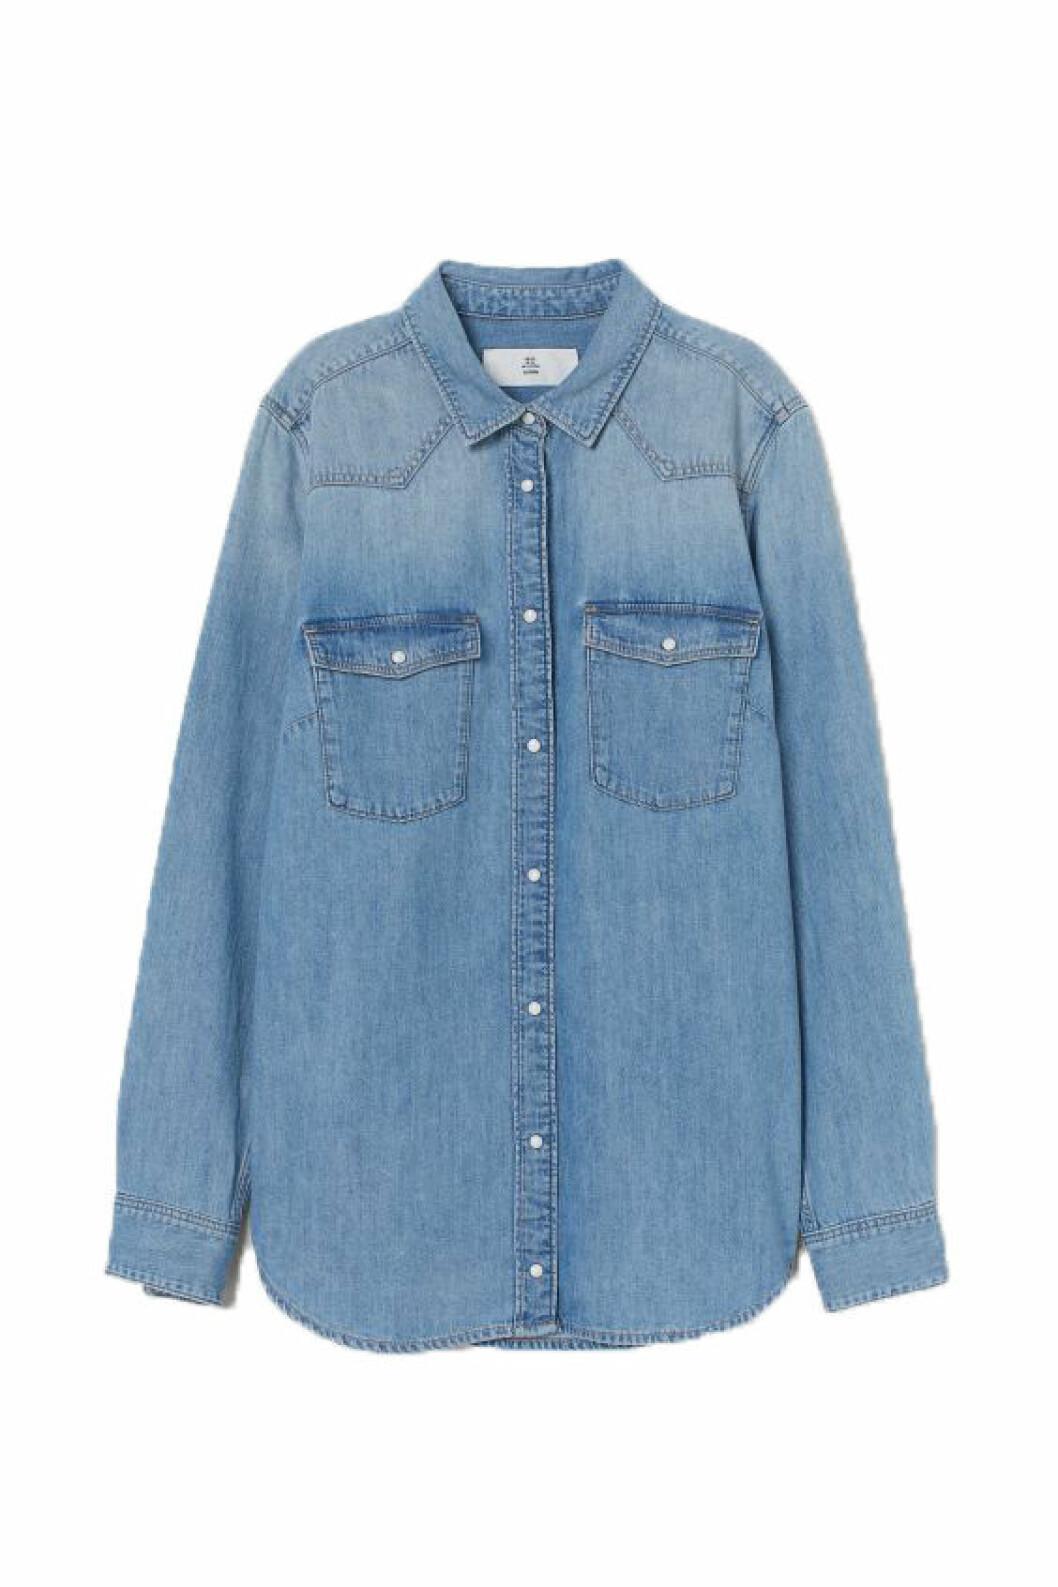 jeansskjorta från HM.